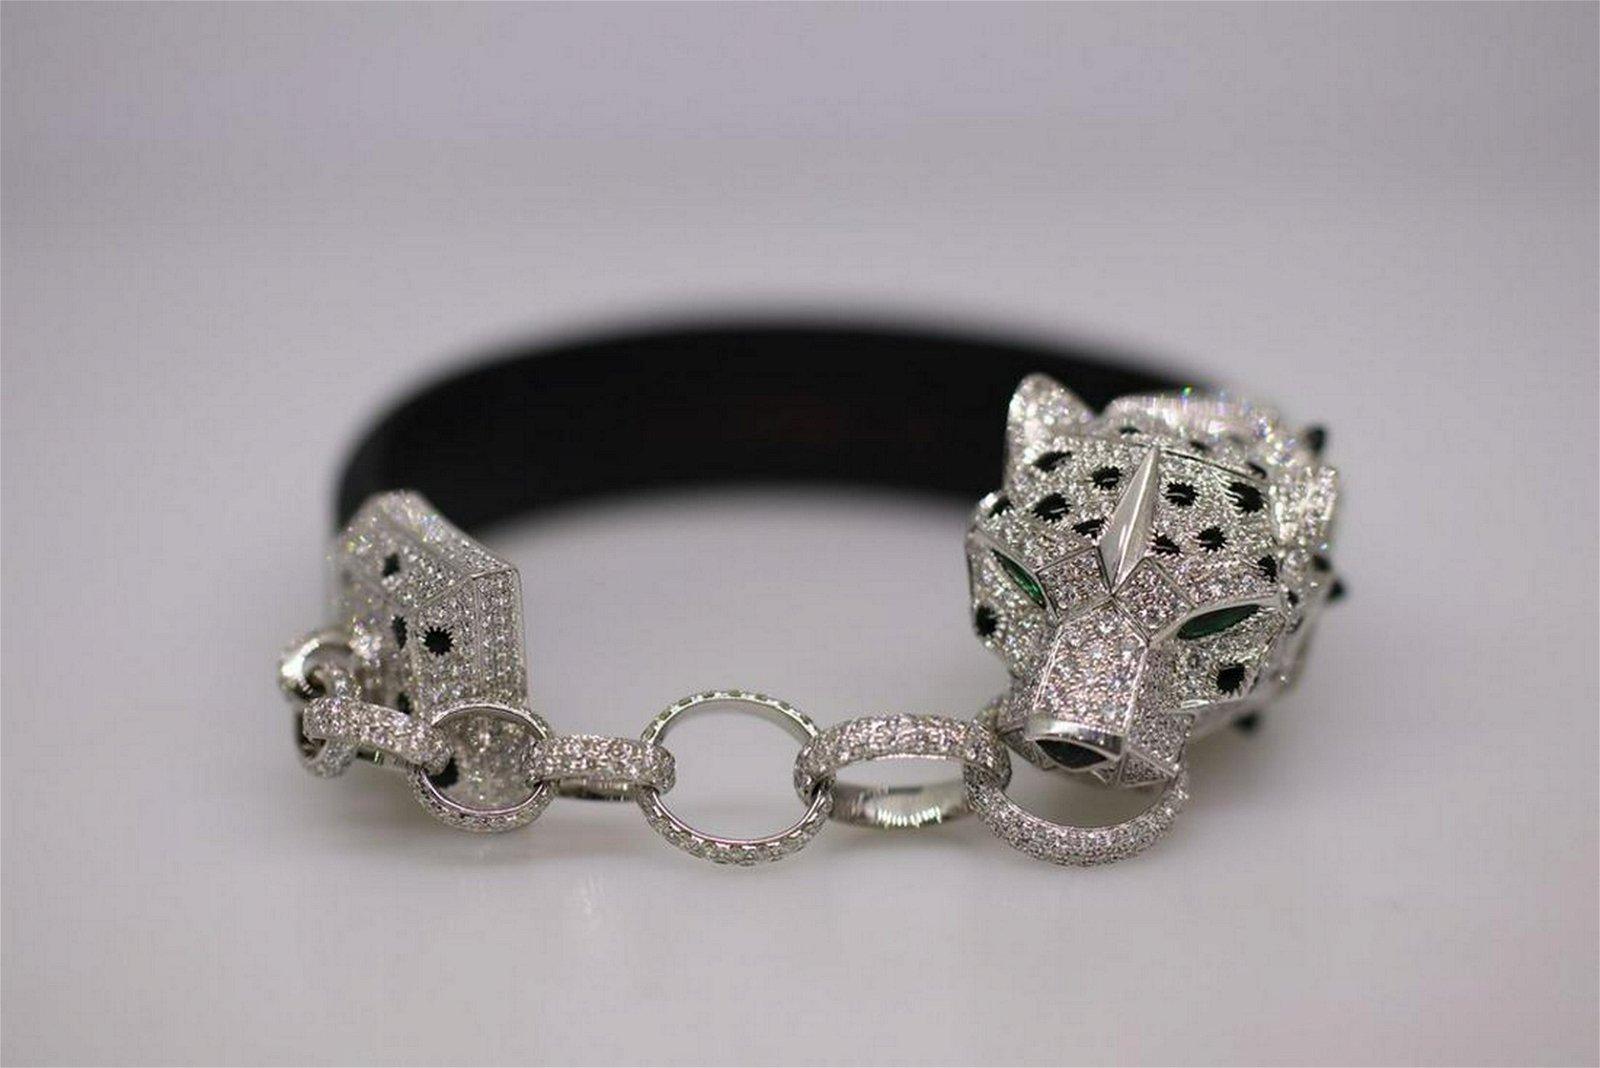 Cartier Panthere de Cartier Bracelet